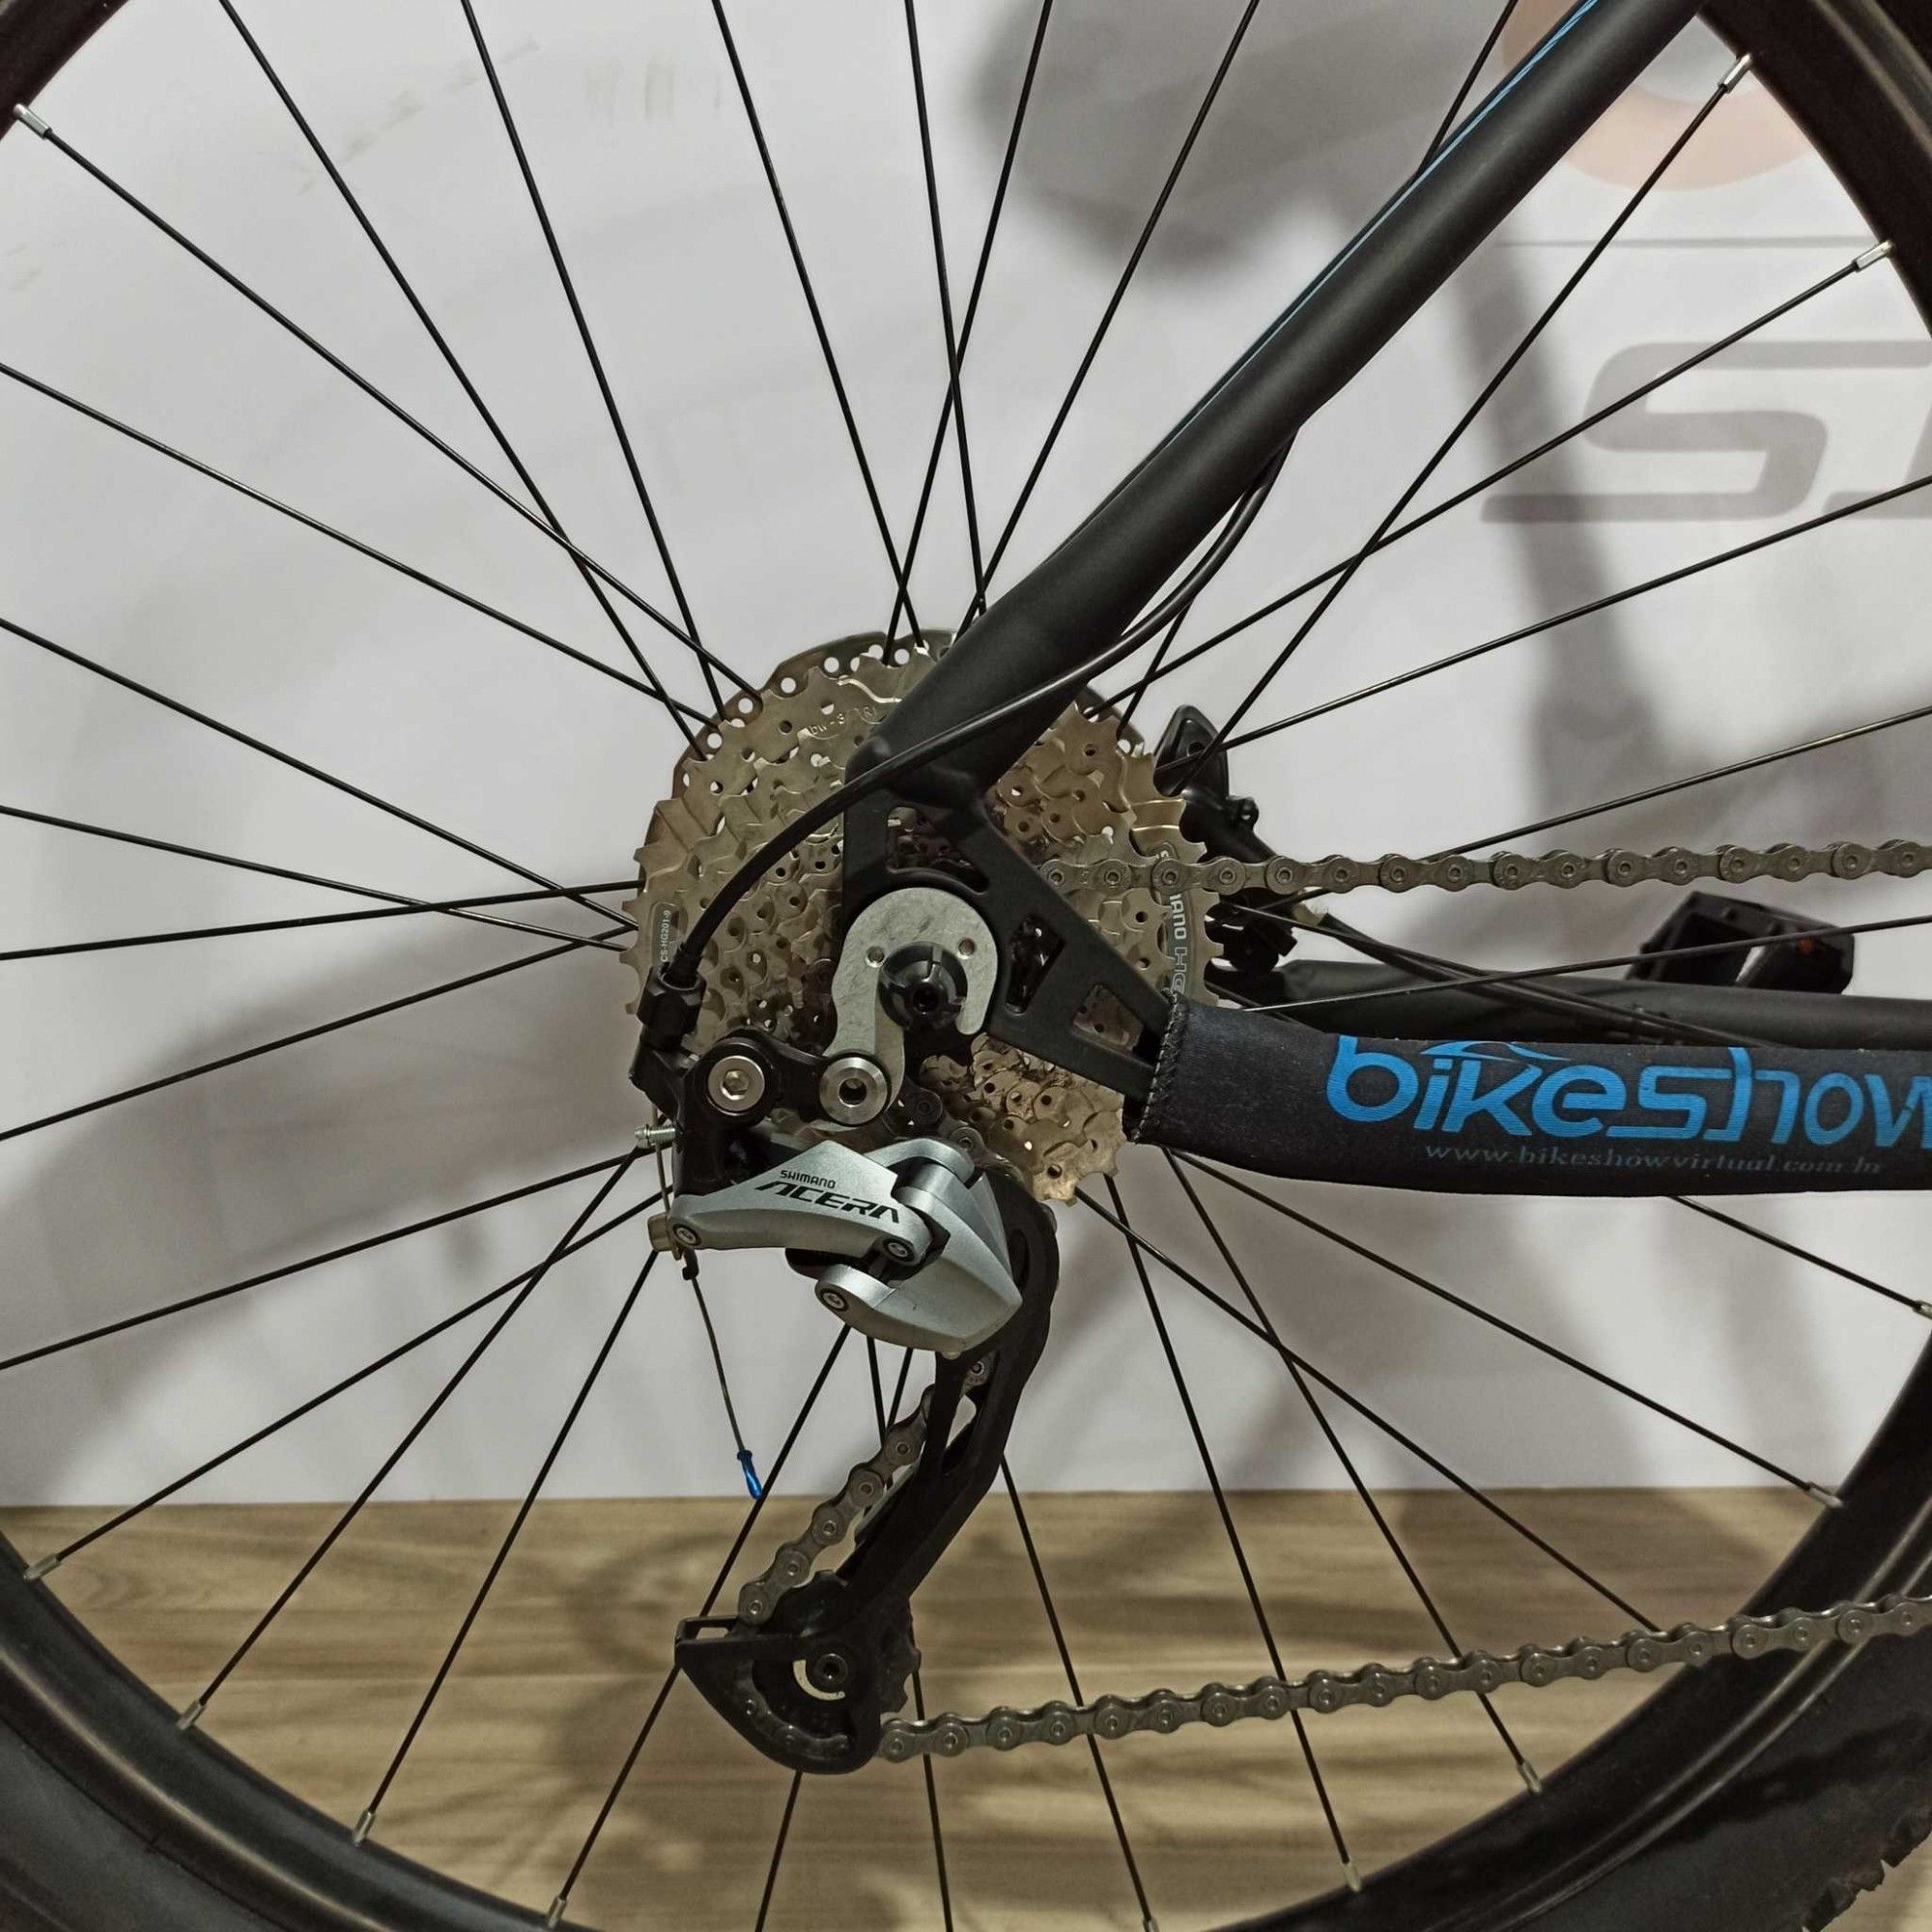 Bicicleta FIRST Smitt aro 29 - 27v Shimano Acera - Freio Shimano Hidráulico - Suspensão GTA com trava no guidão